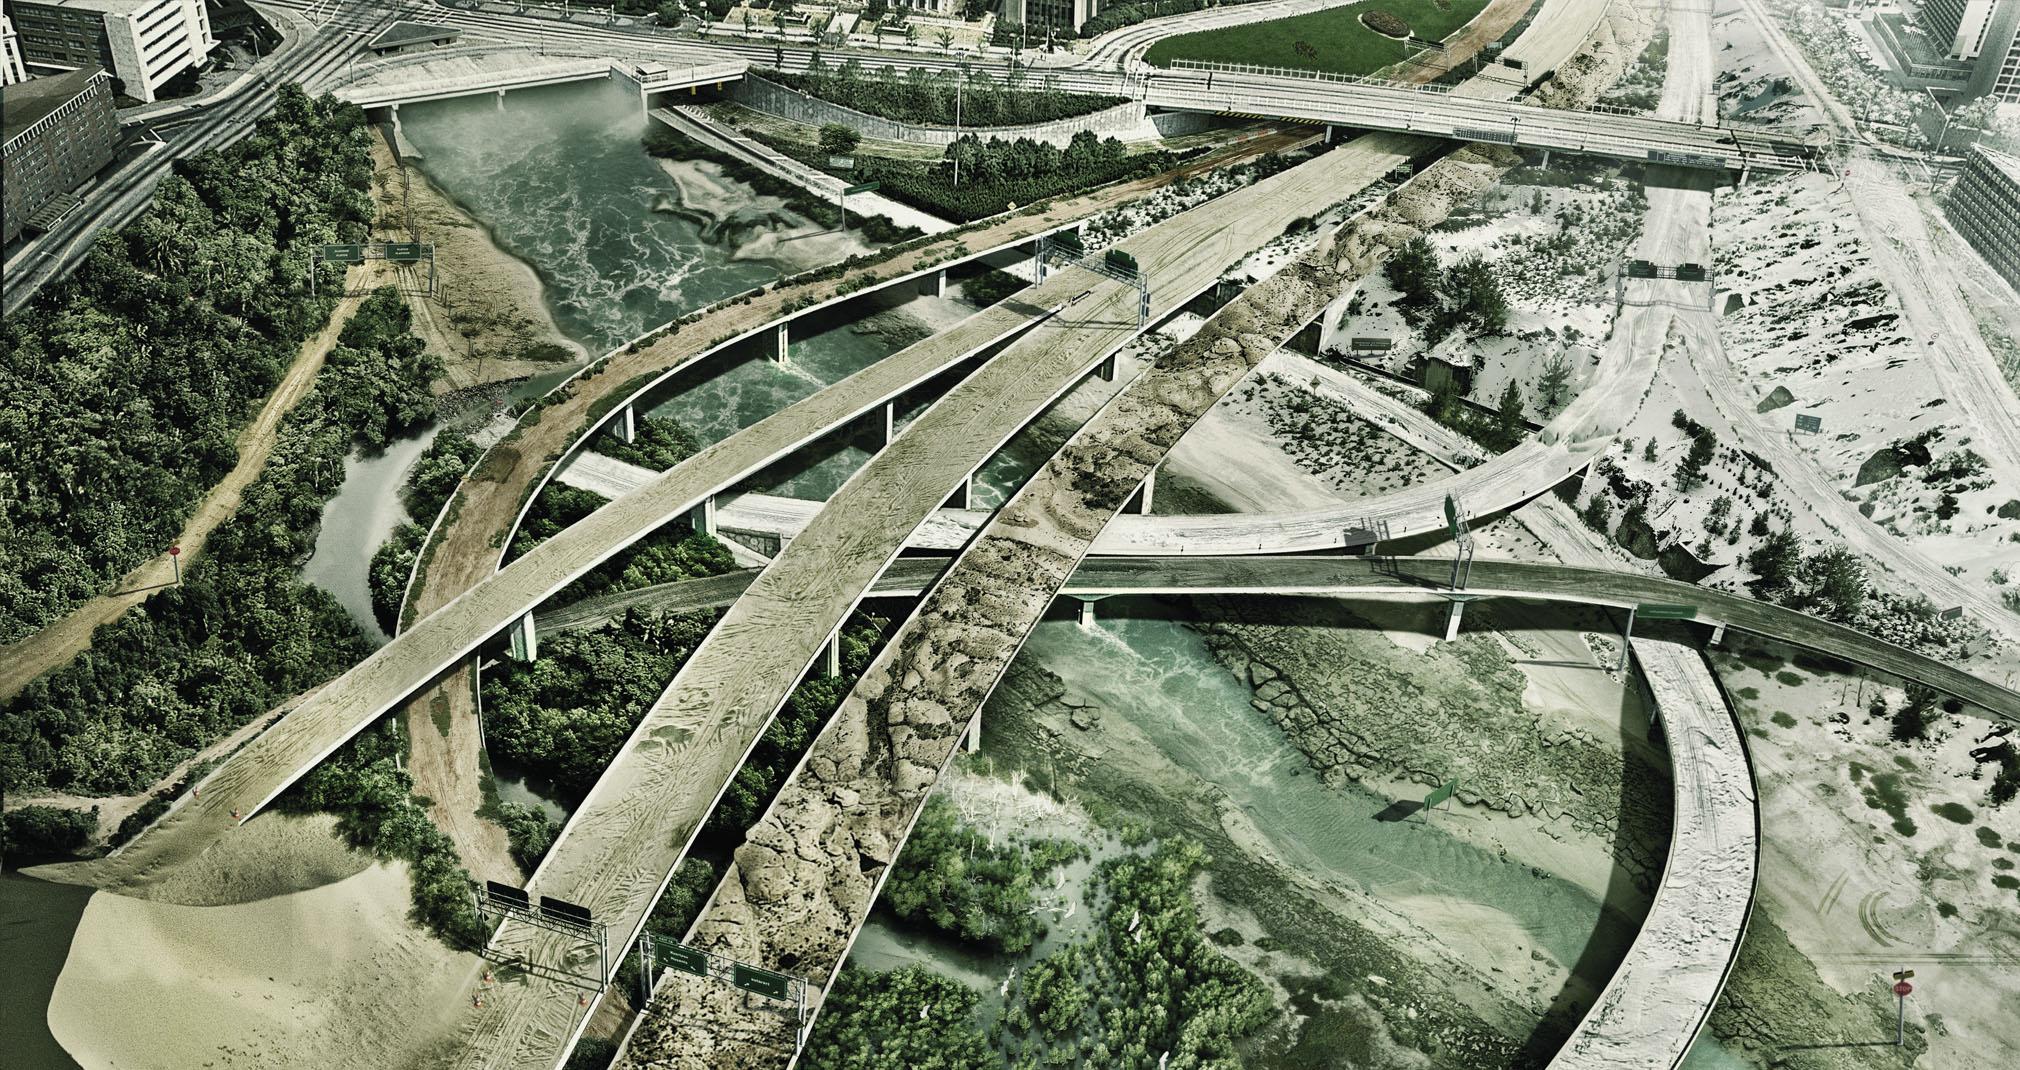 Amanarea_drumuri in constructie